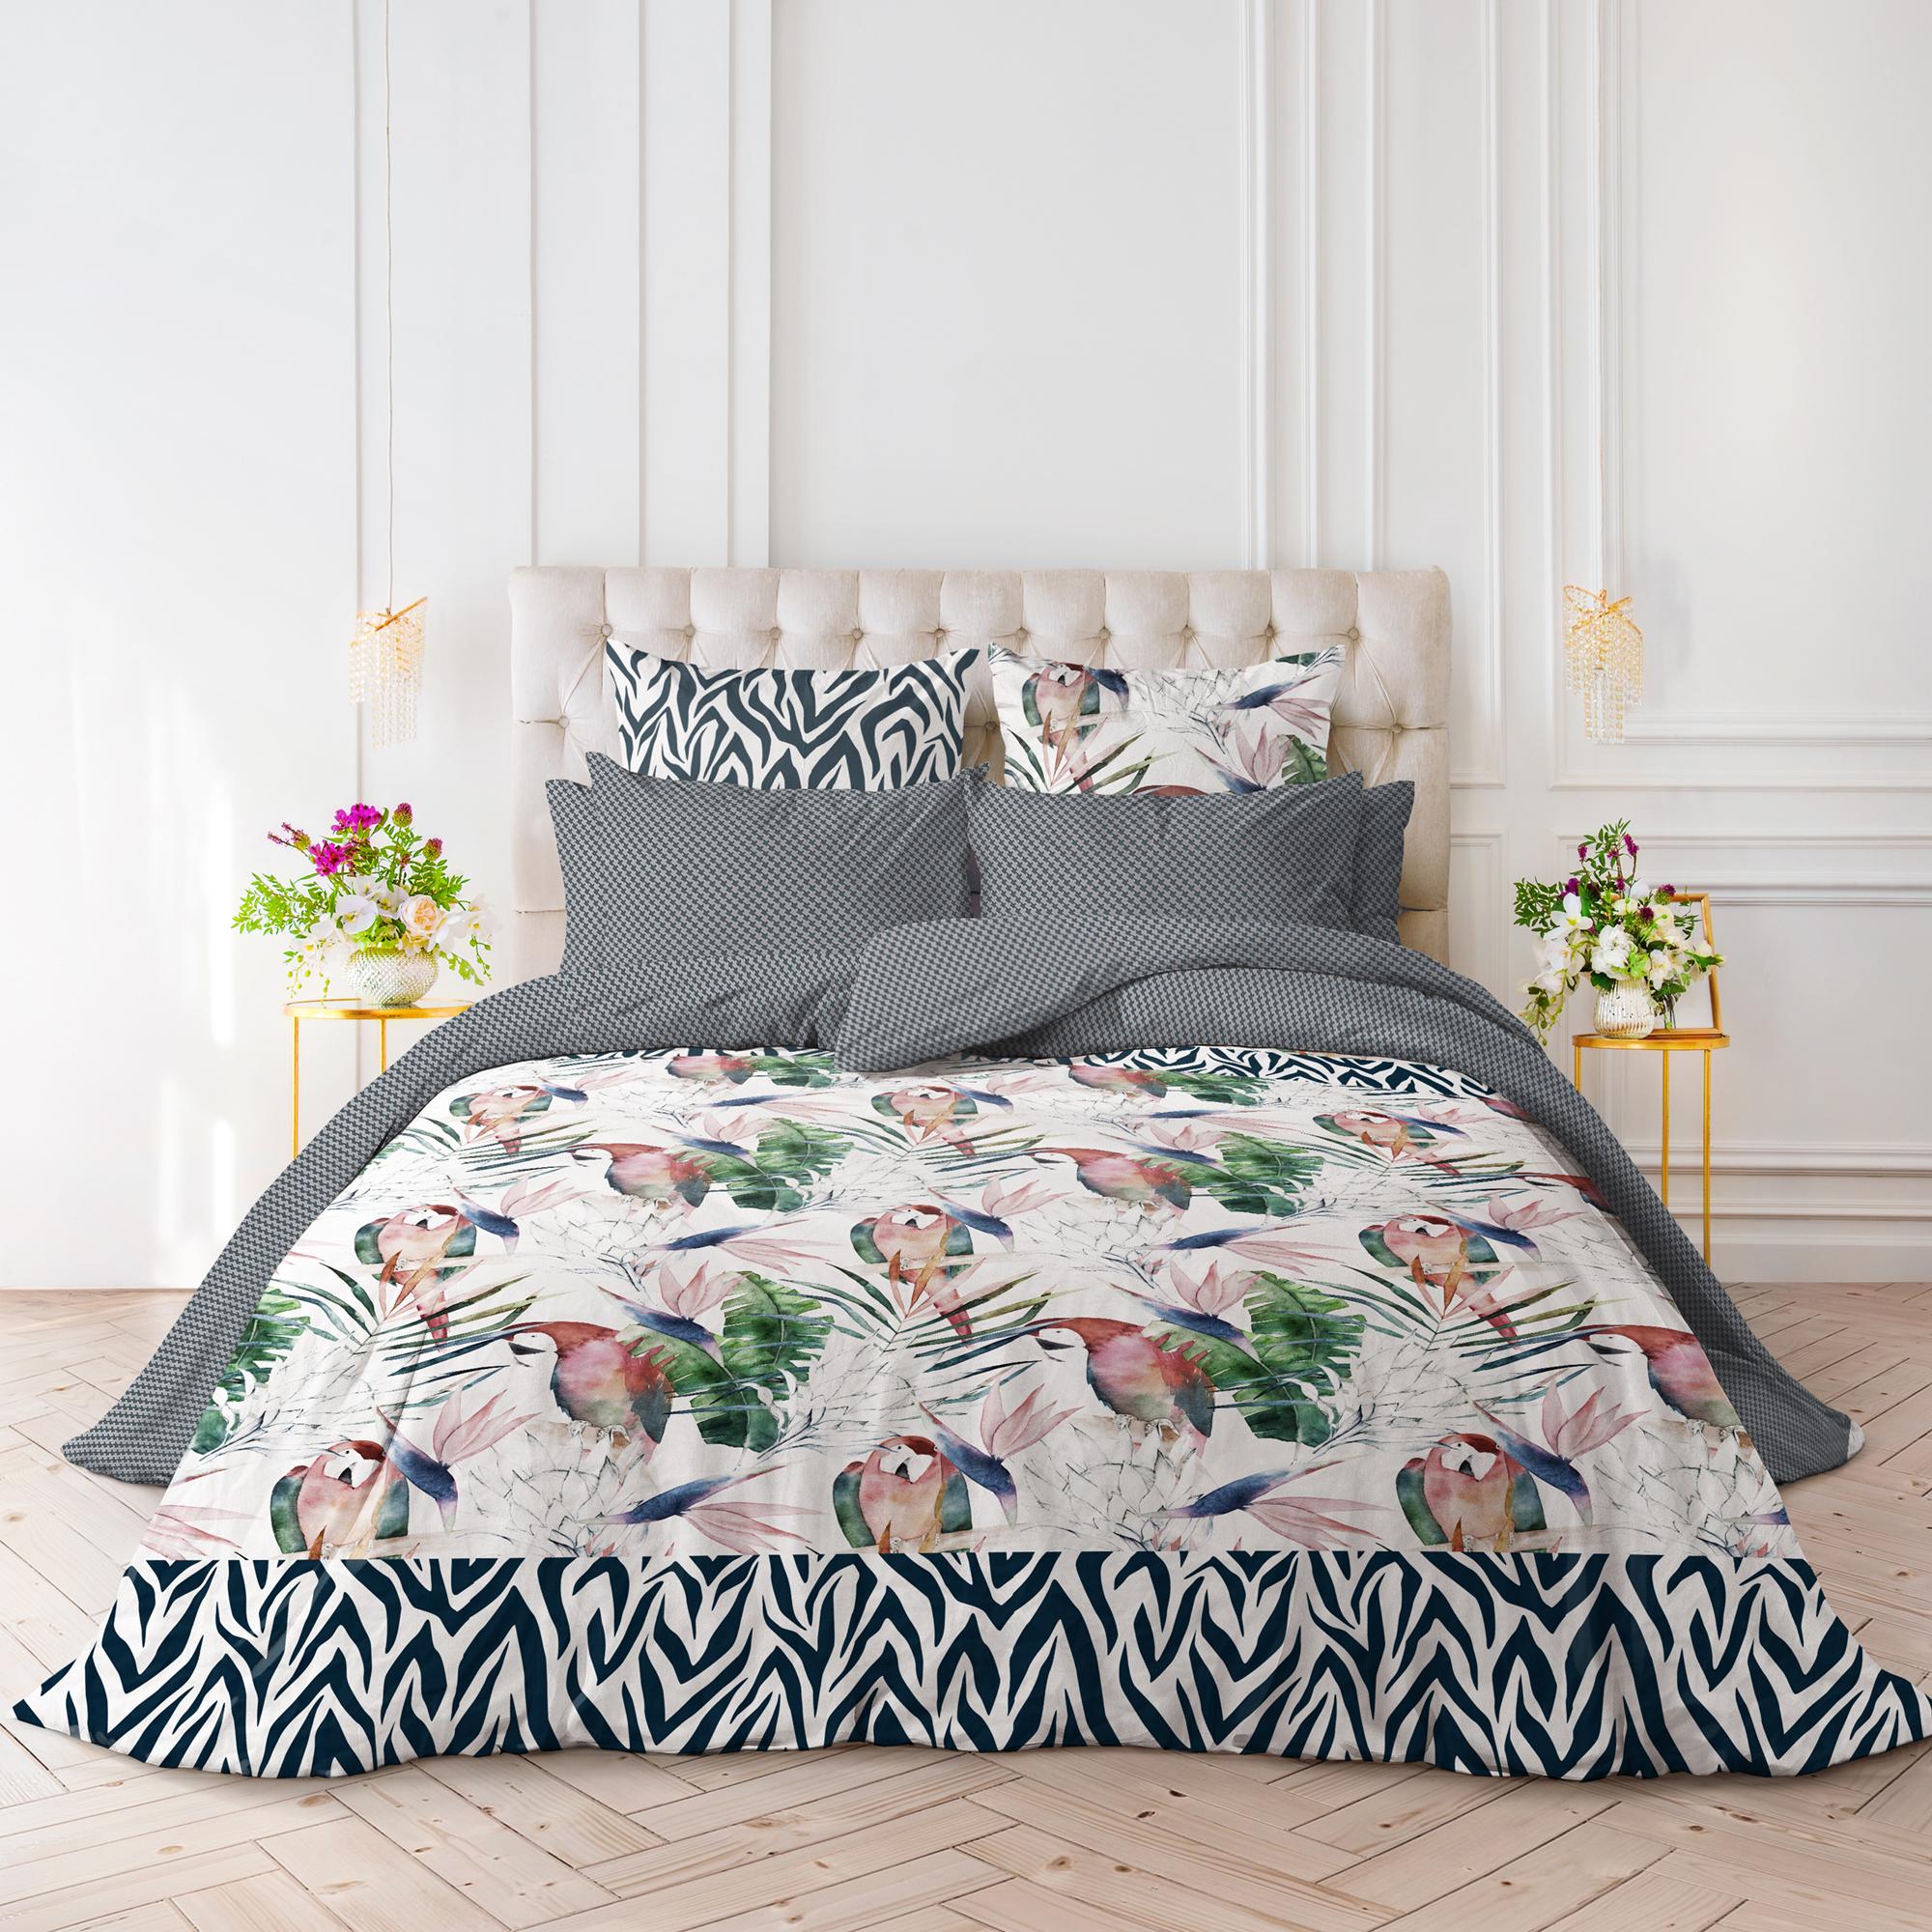 Комплект постельного белья из перкаля Helicona Verossa